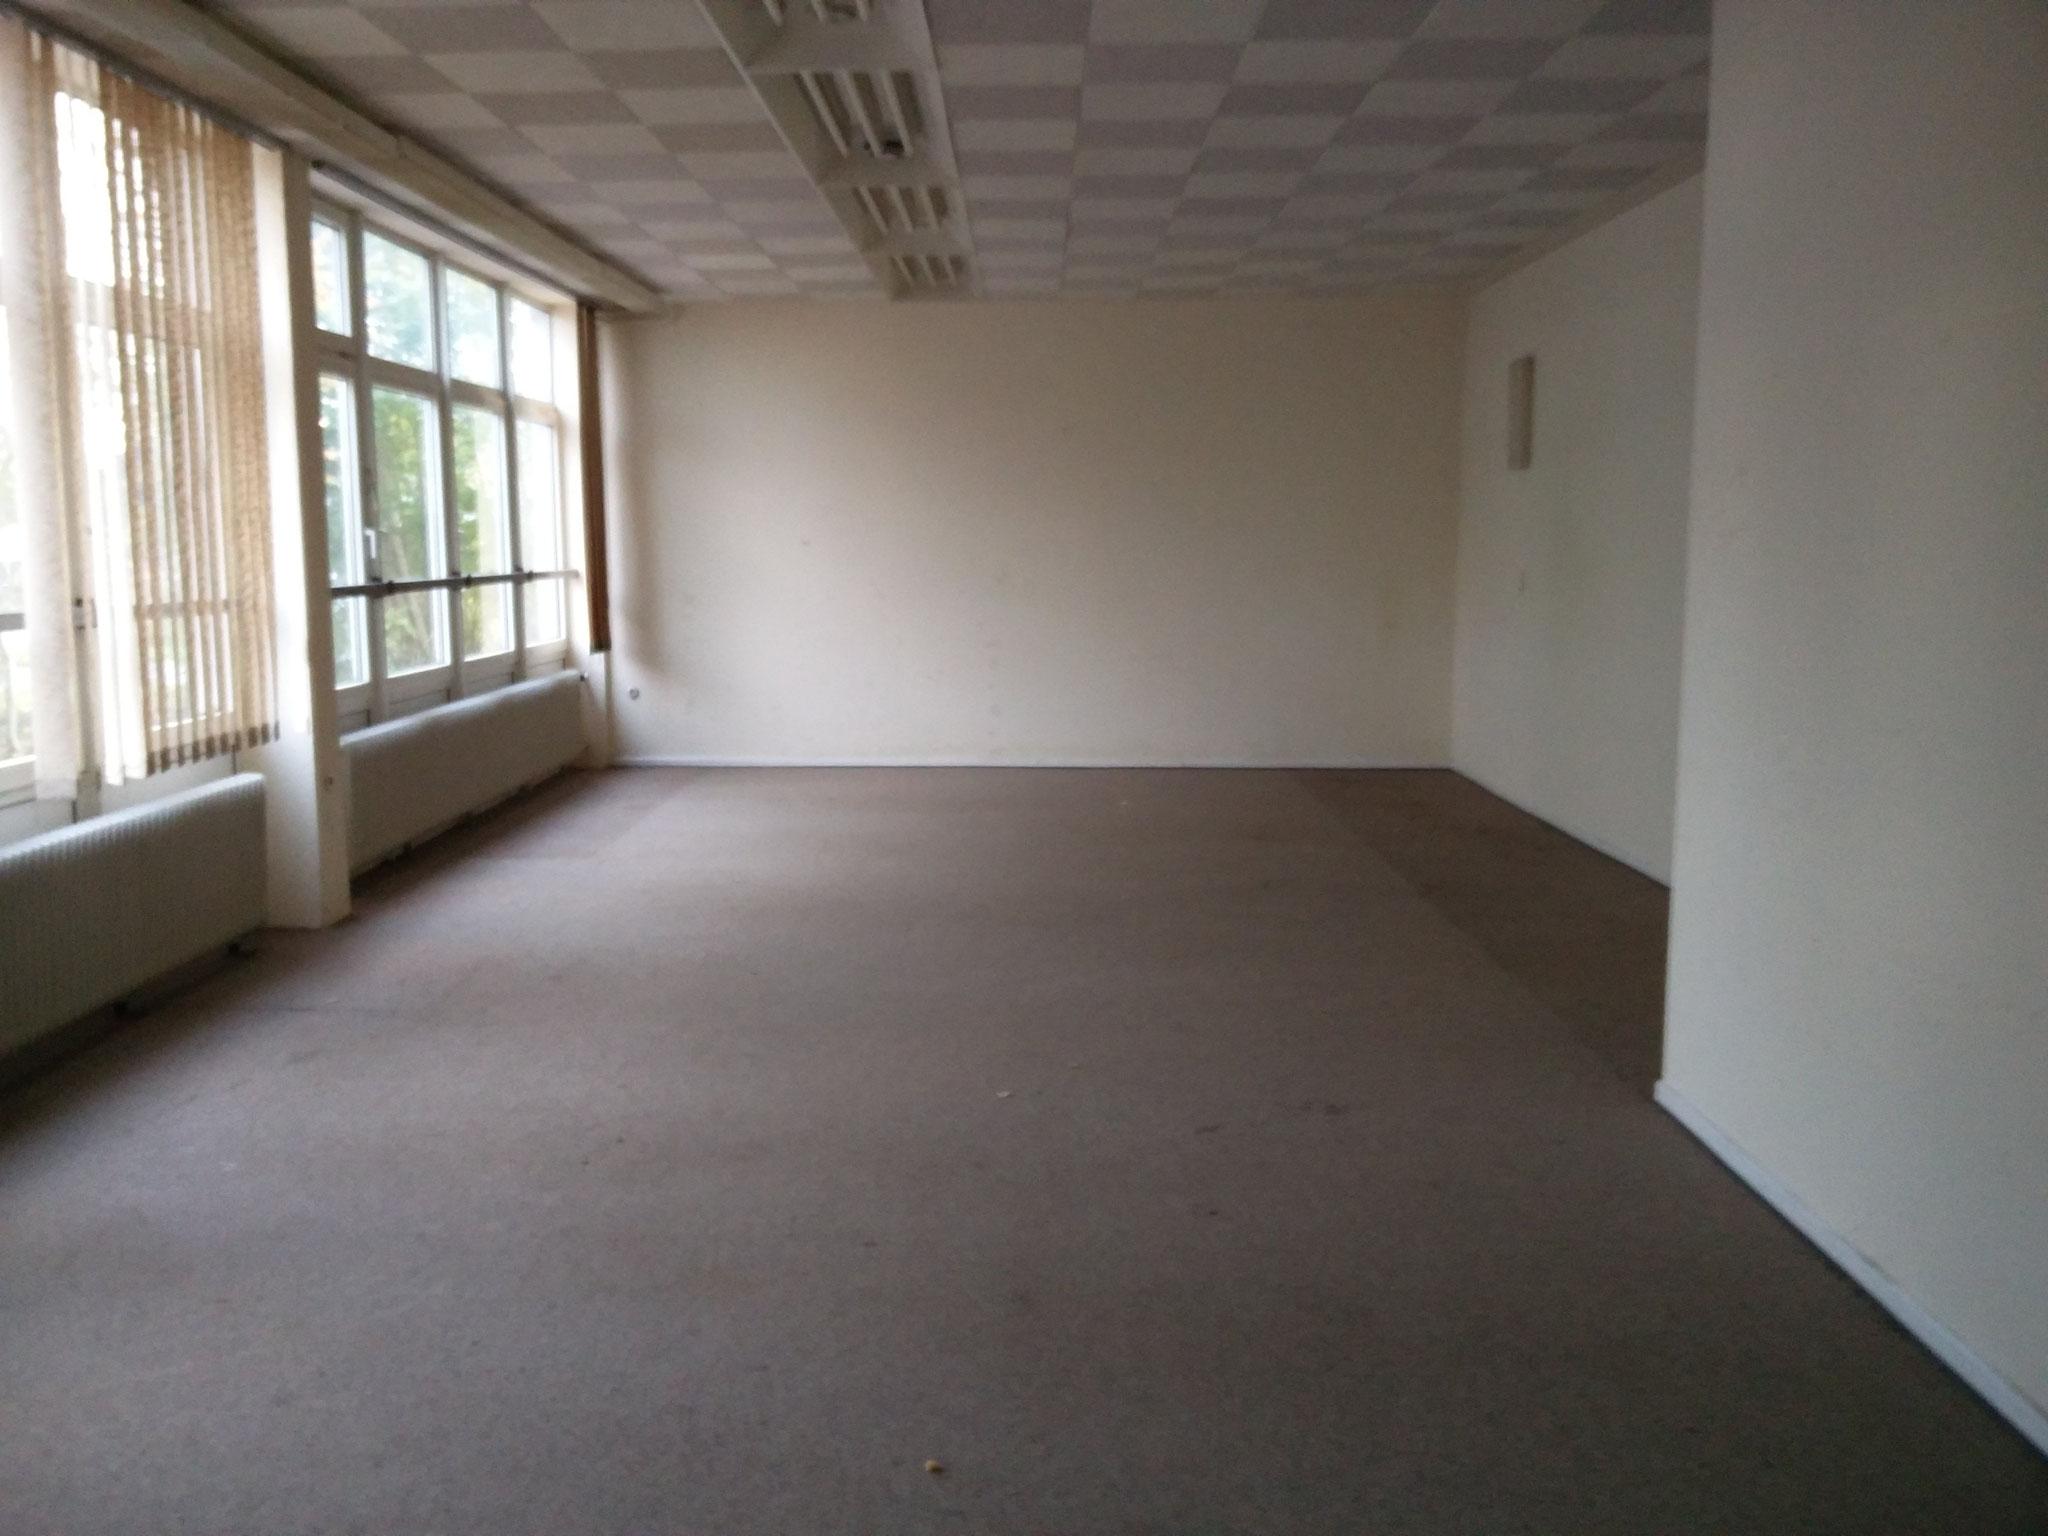 Da wir unseren Platz verlassen müssen, hier der leere Kartraum...